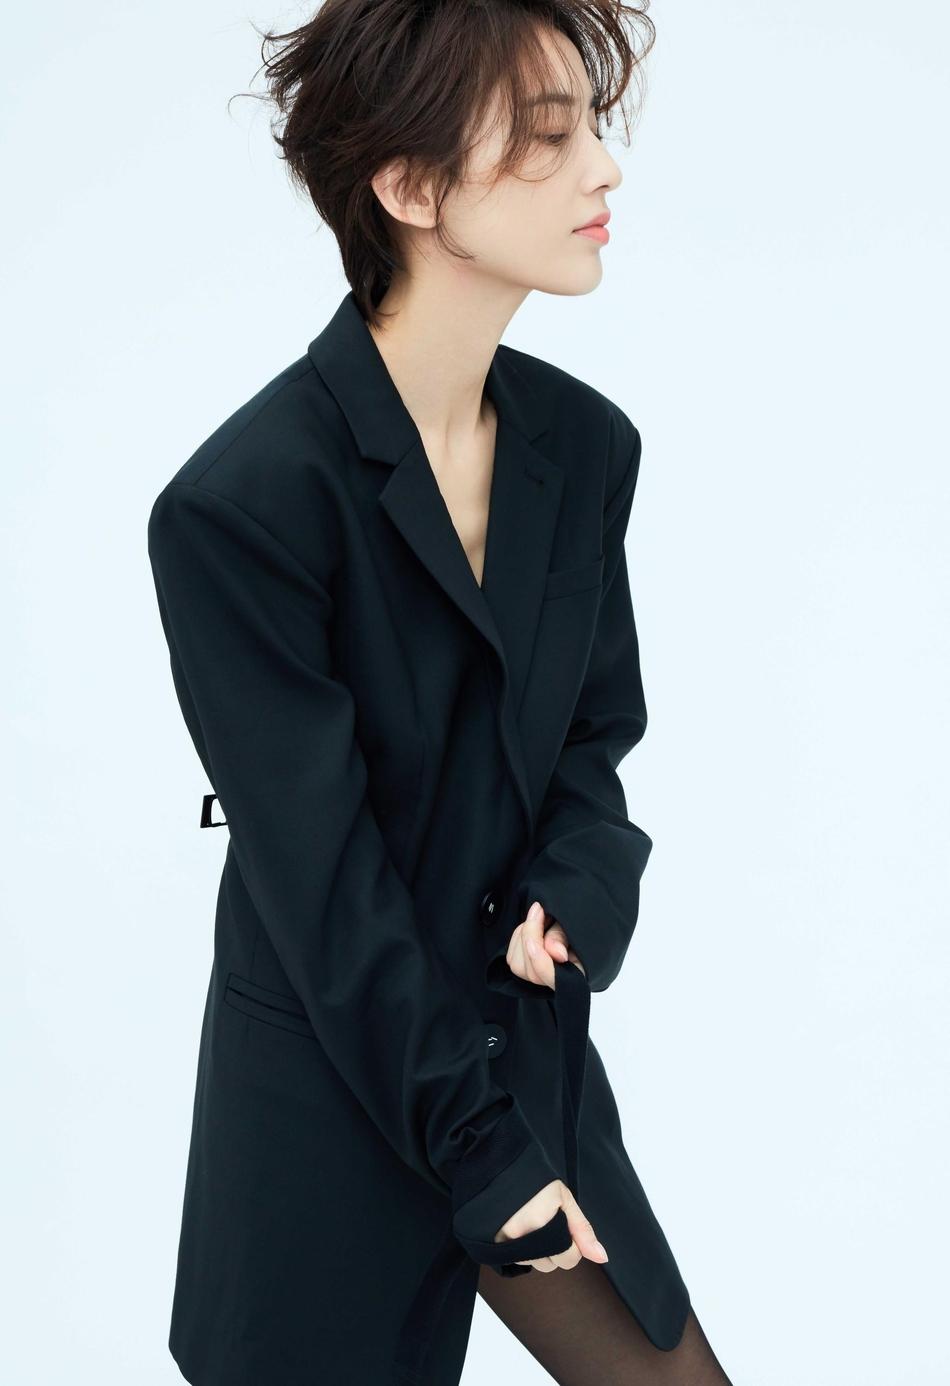 组图:黄圣依最新时髦写真曝光 干练西装显酷感魅力